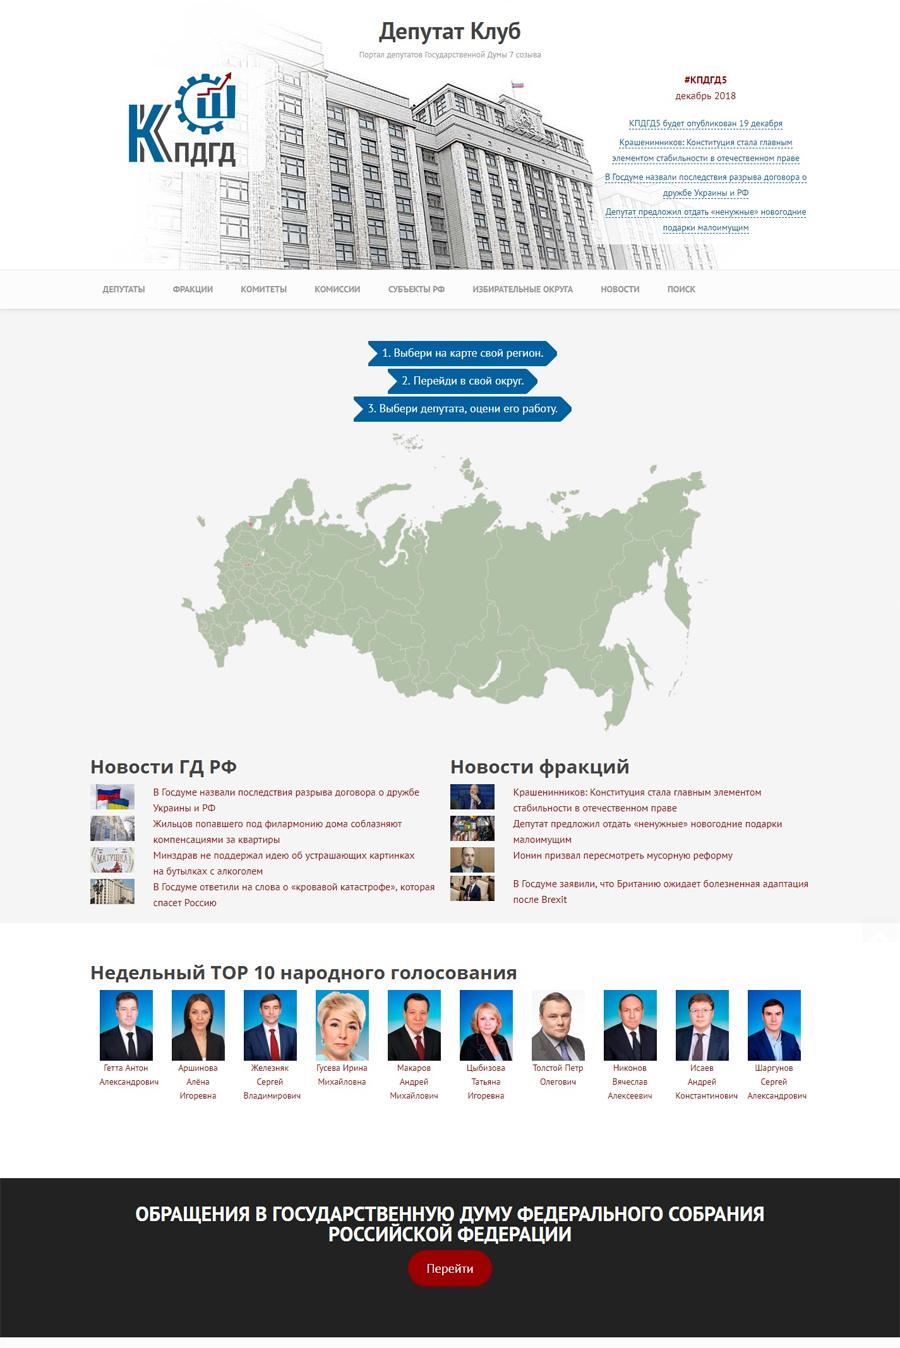 Депутат Клуб:  Портал депутатов Государственной Думы